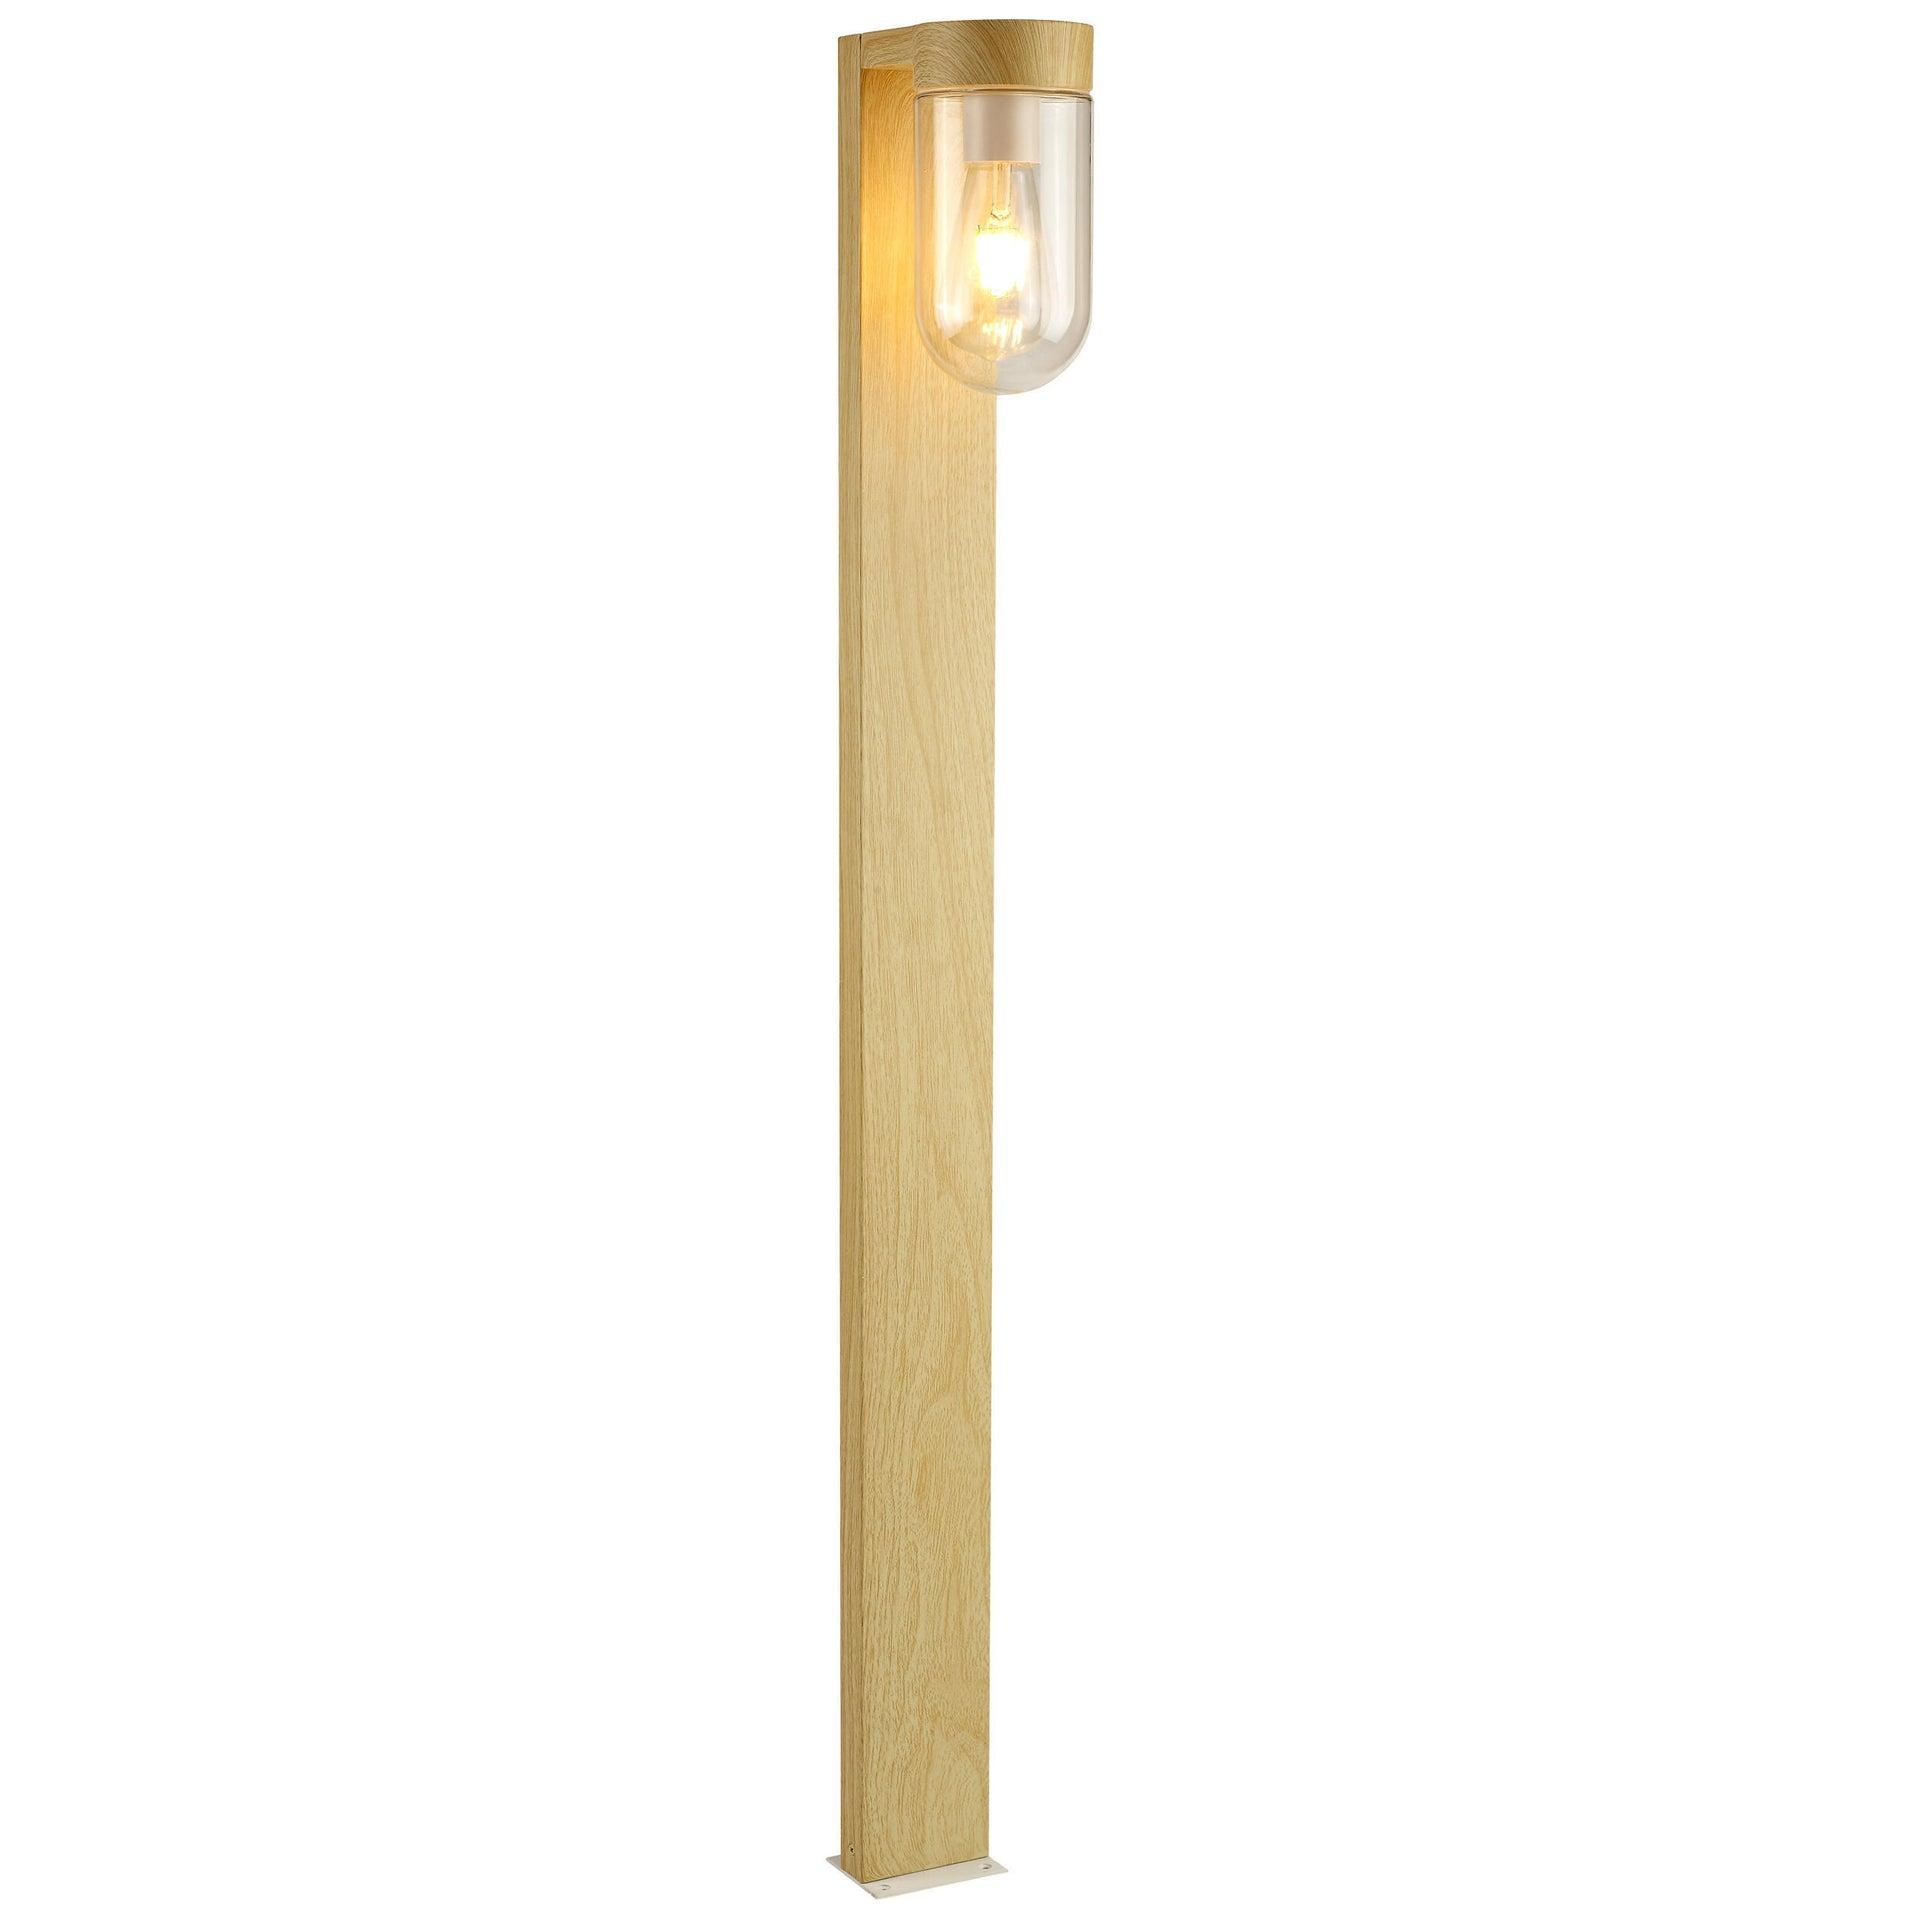 Lampione Cabar H110 cm in metallo, faggio, E27 1x MAX 40W IP44 BRILLIANT - 2